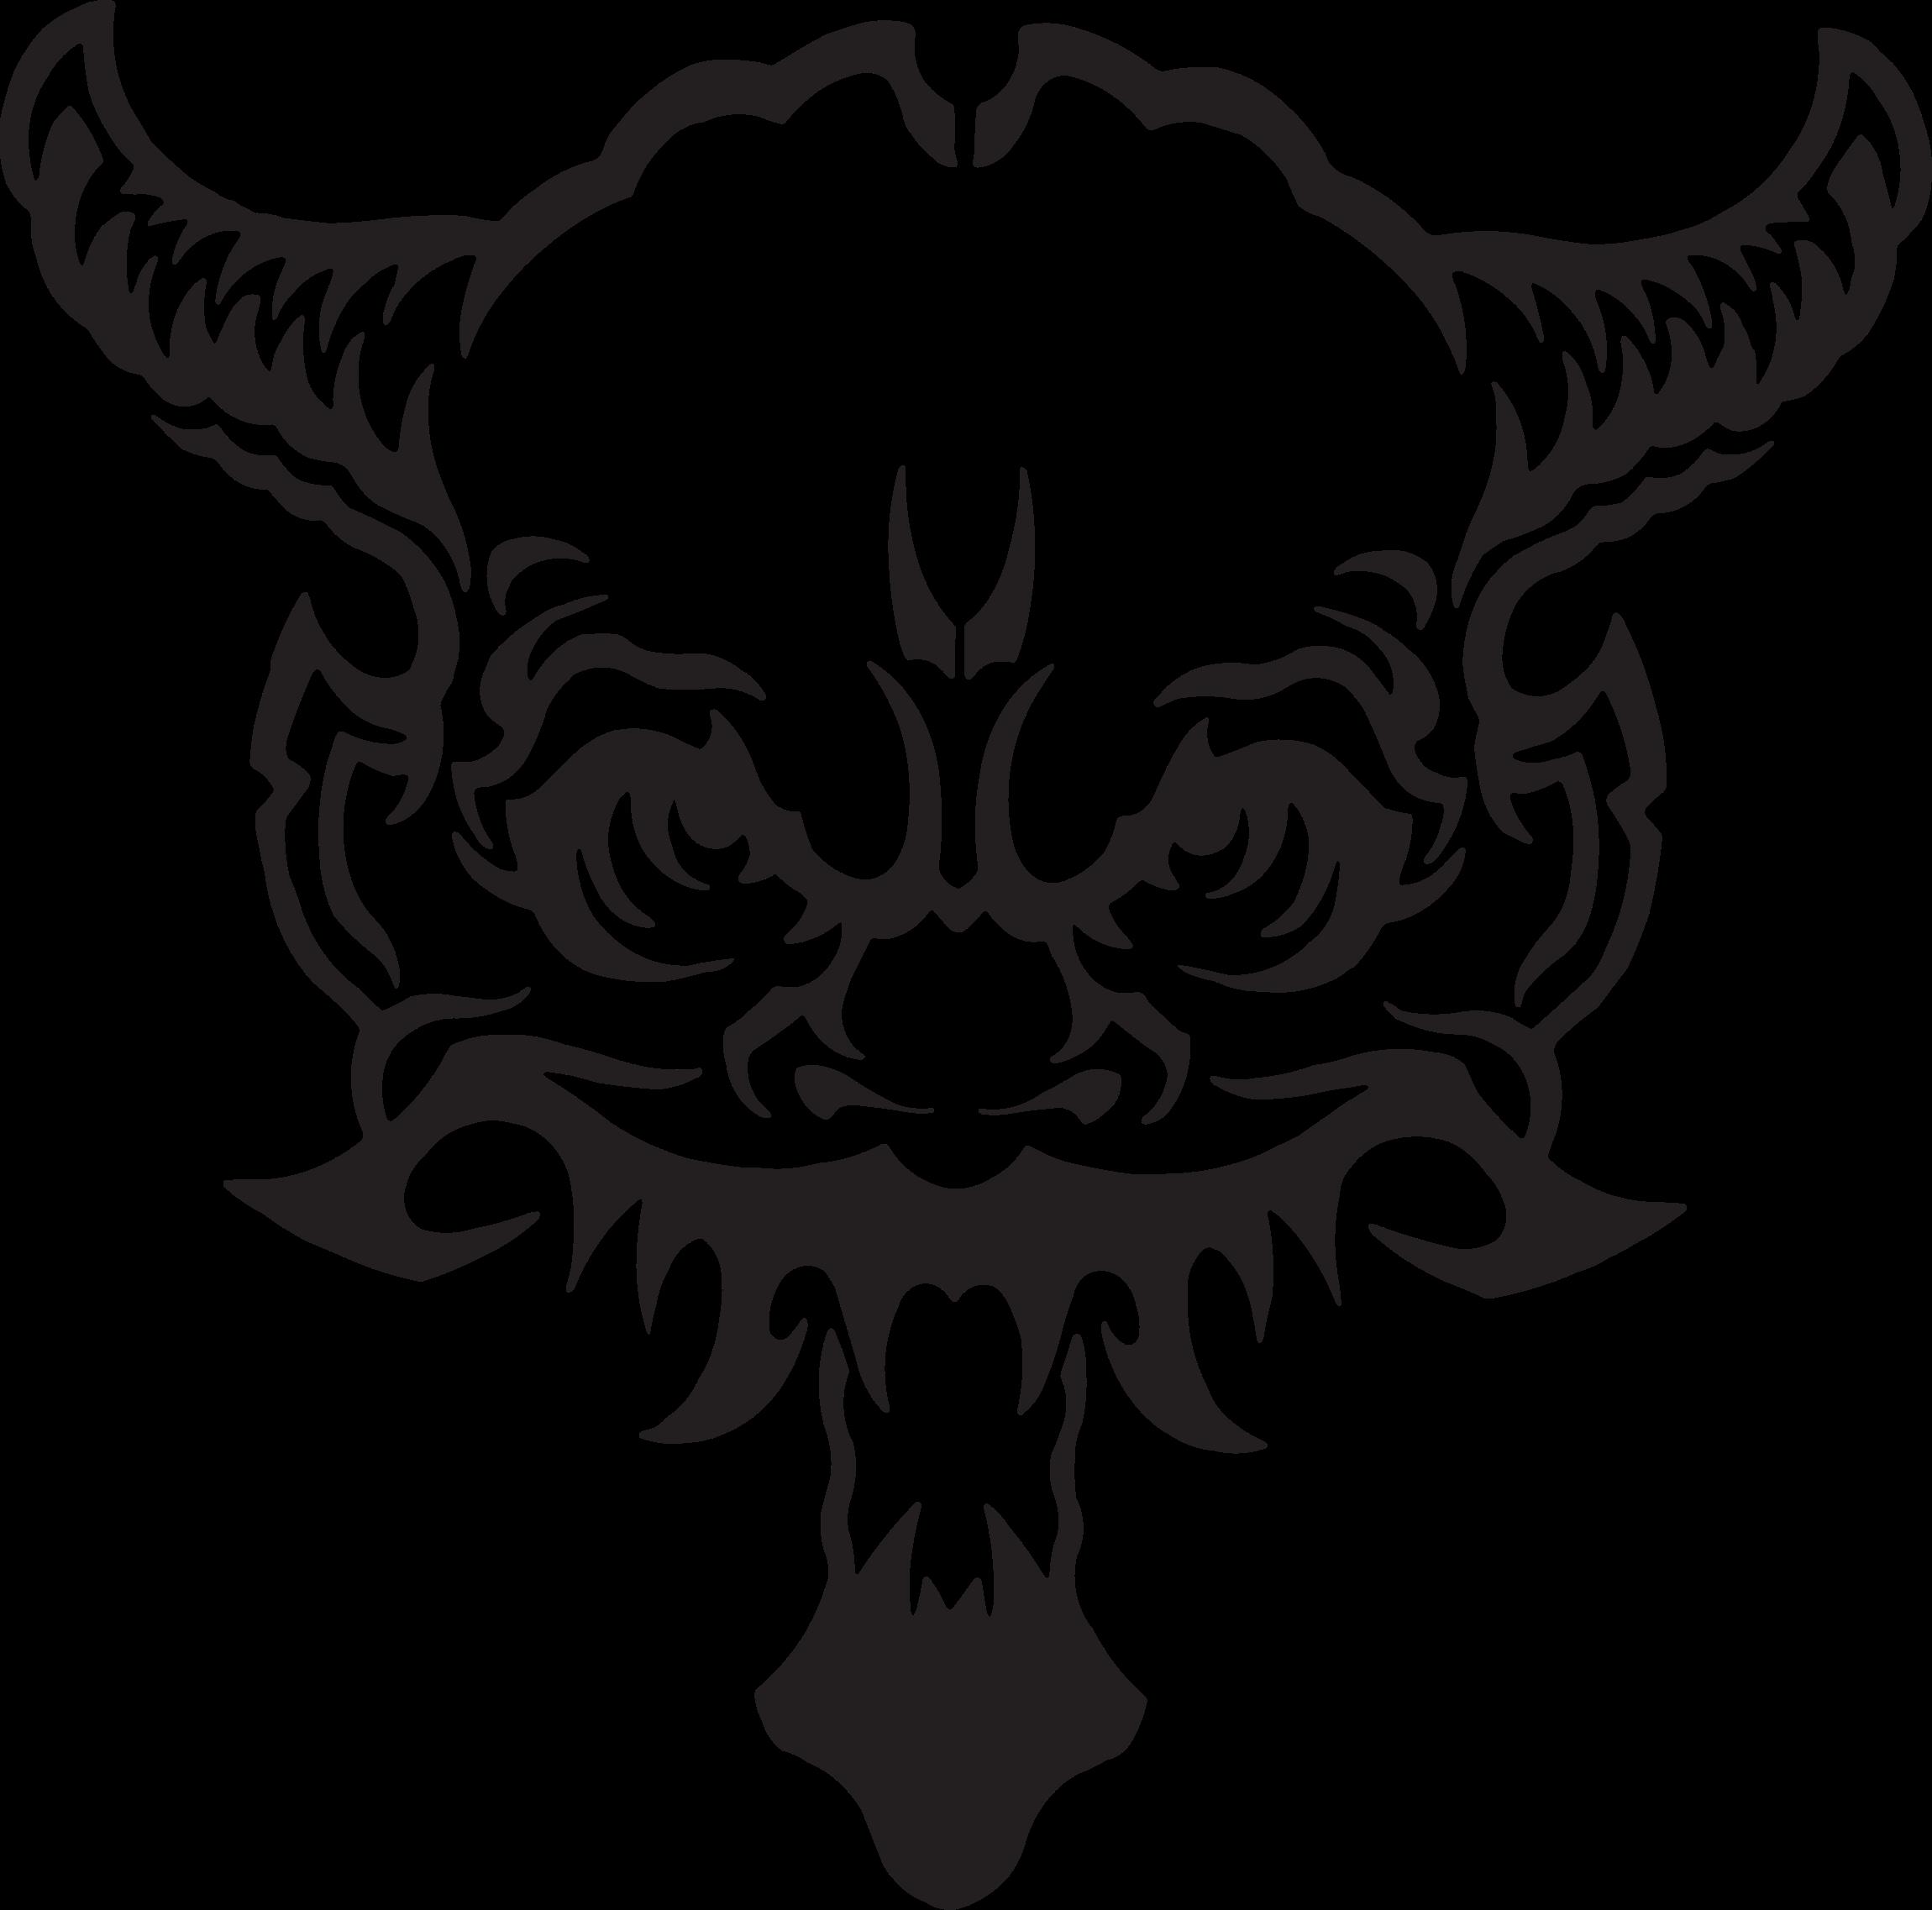 Clipart demon